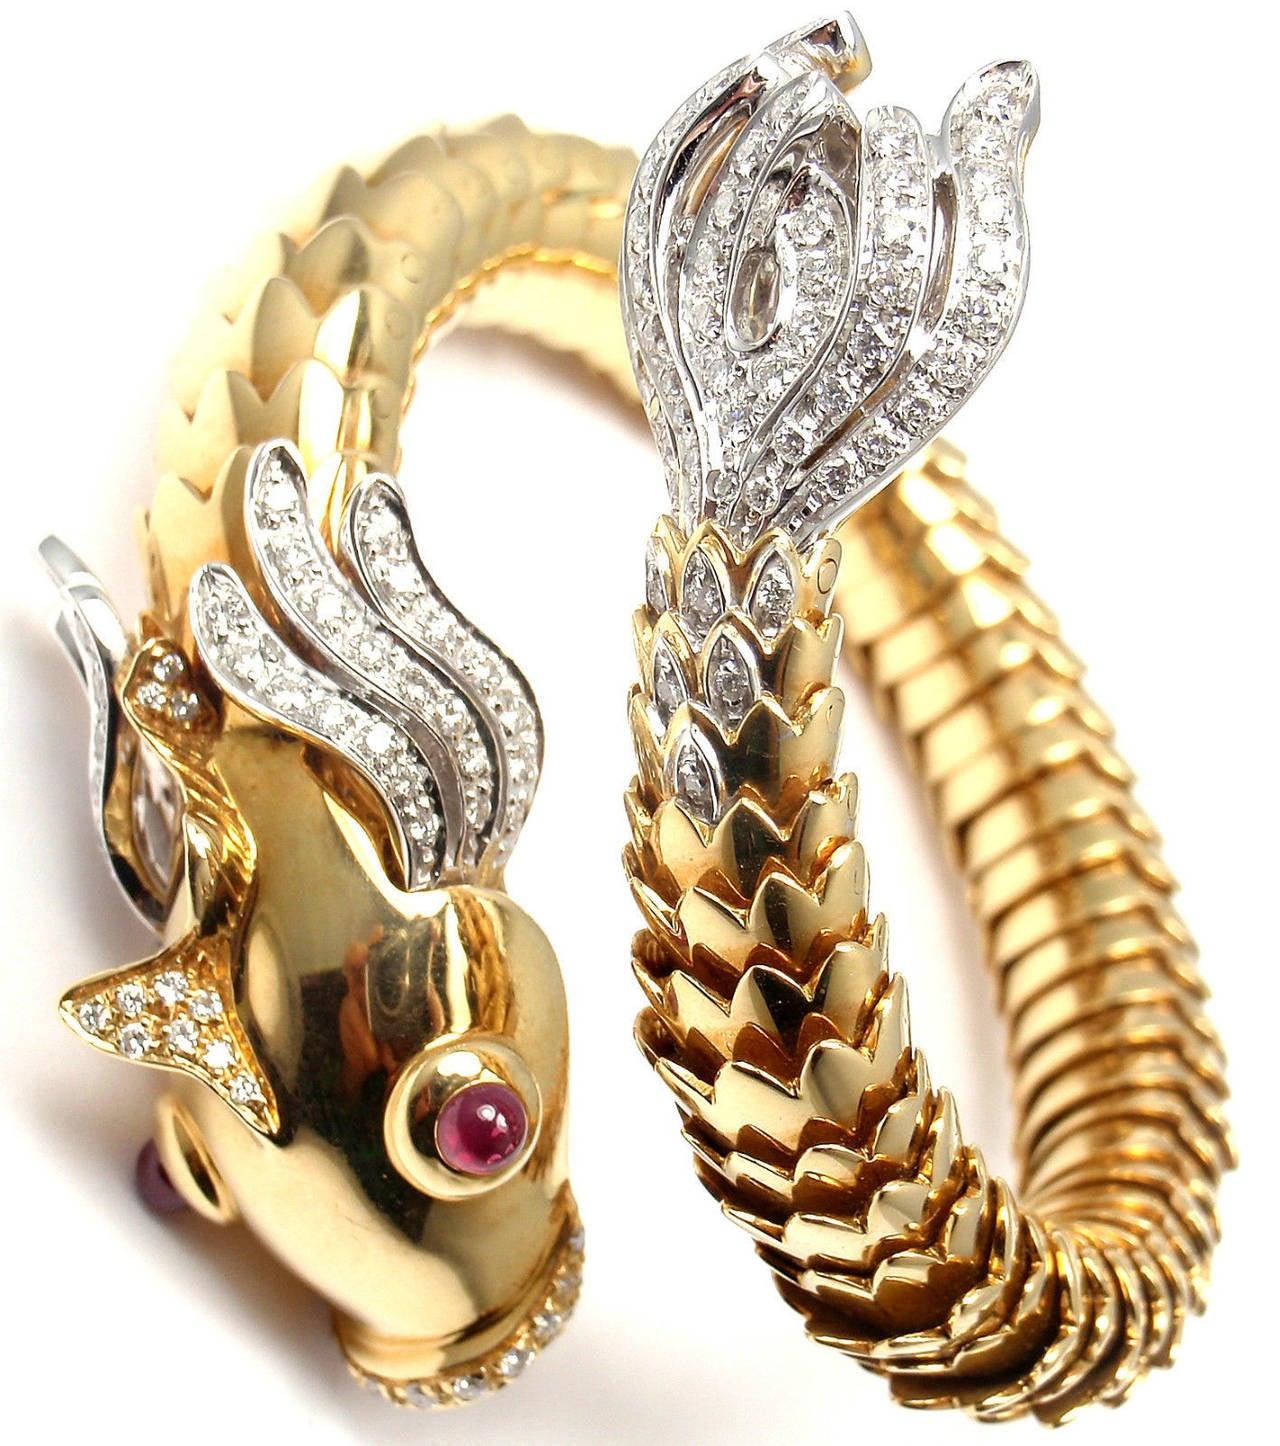 Roberto Coin 18k Gold Nemo Diamond & Ruby Bangle Bracelet Le1SpMy